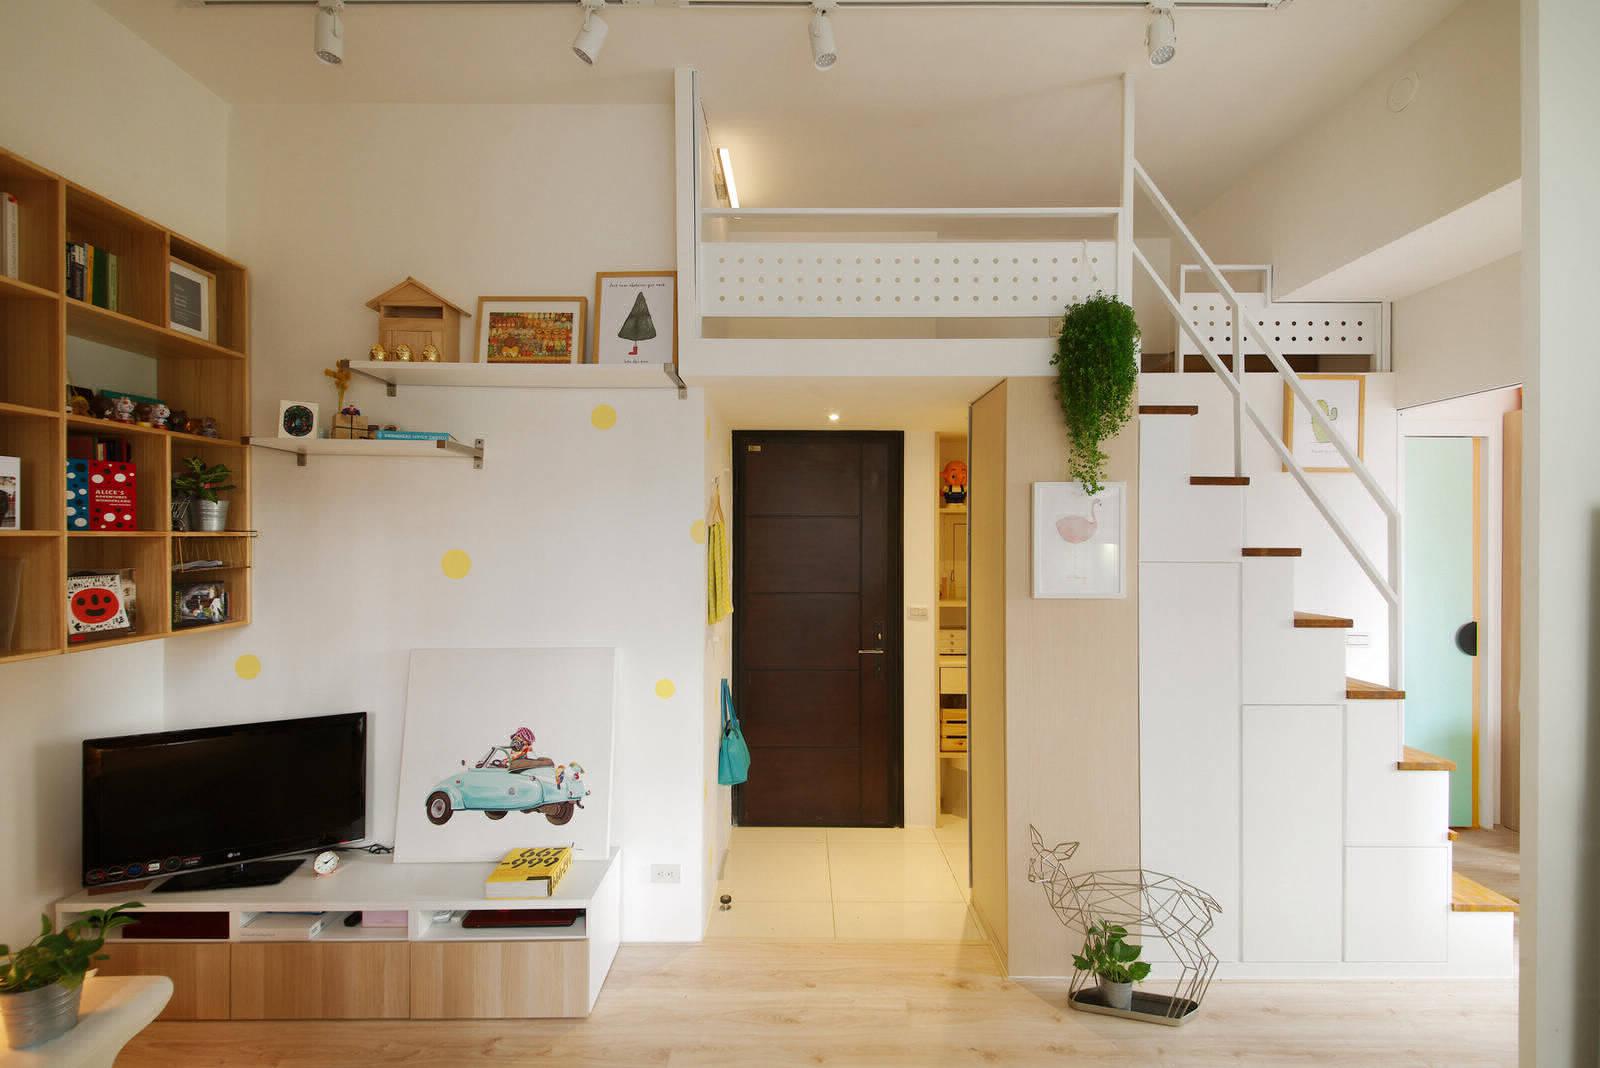 Очаровательная маленькая квартира на Тайване